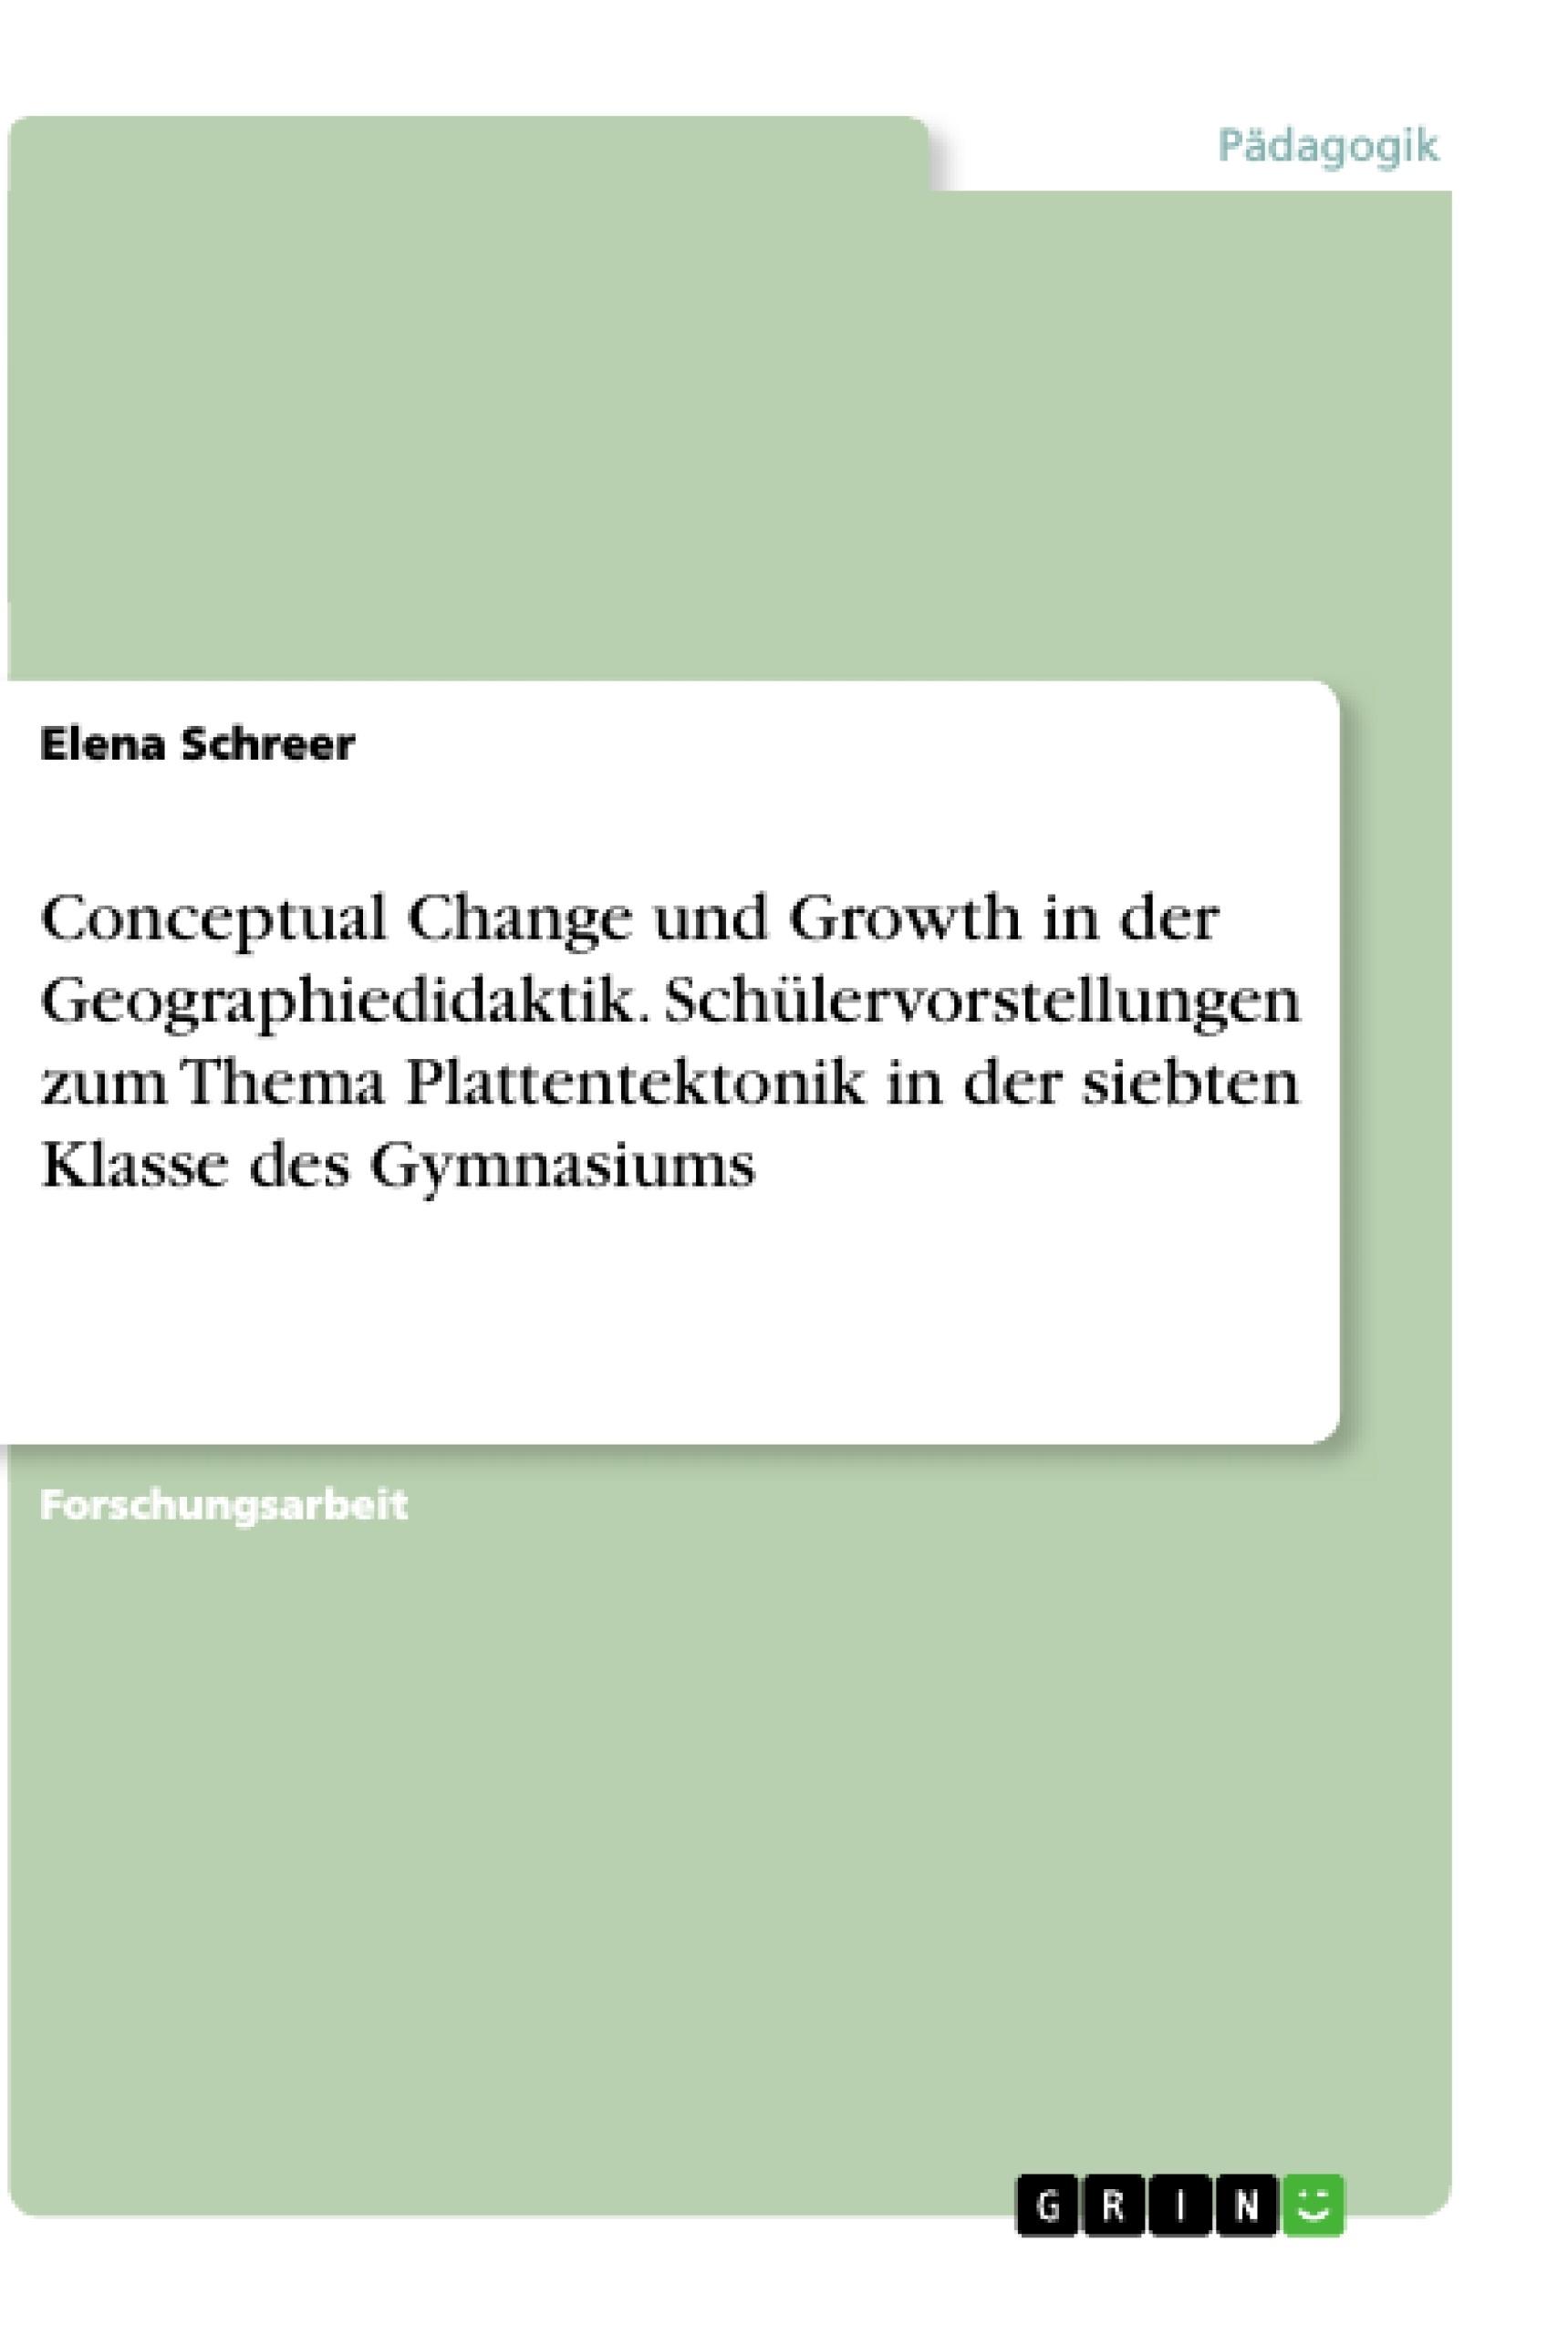 Titel: Conceptual Change und Growth in der Geographiedidaktik. Schülervorstellungen zum Thema Plattentektonik in der siebten Klasse des Gymnasiums